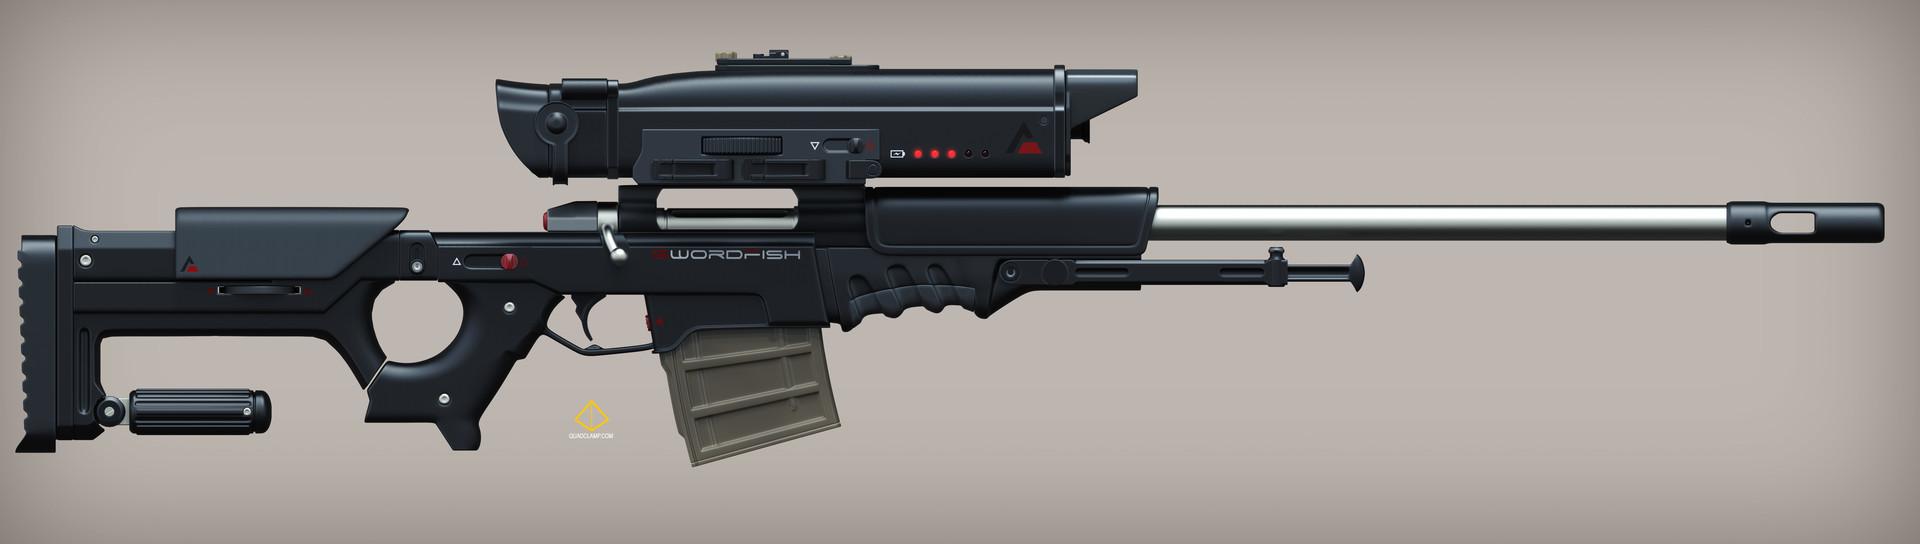 Jordan moss swordfish gun long